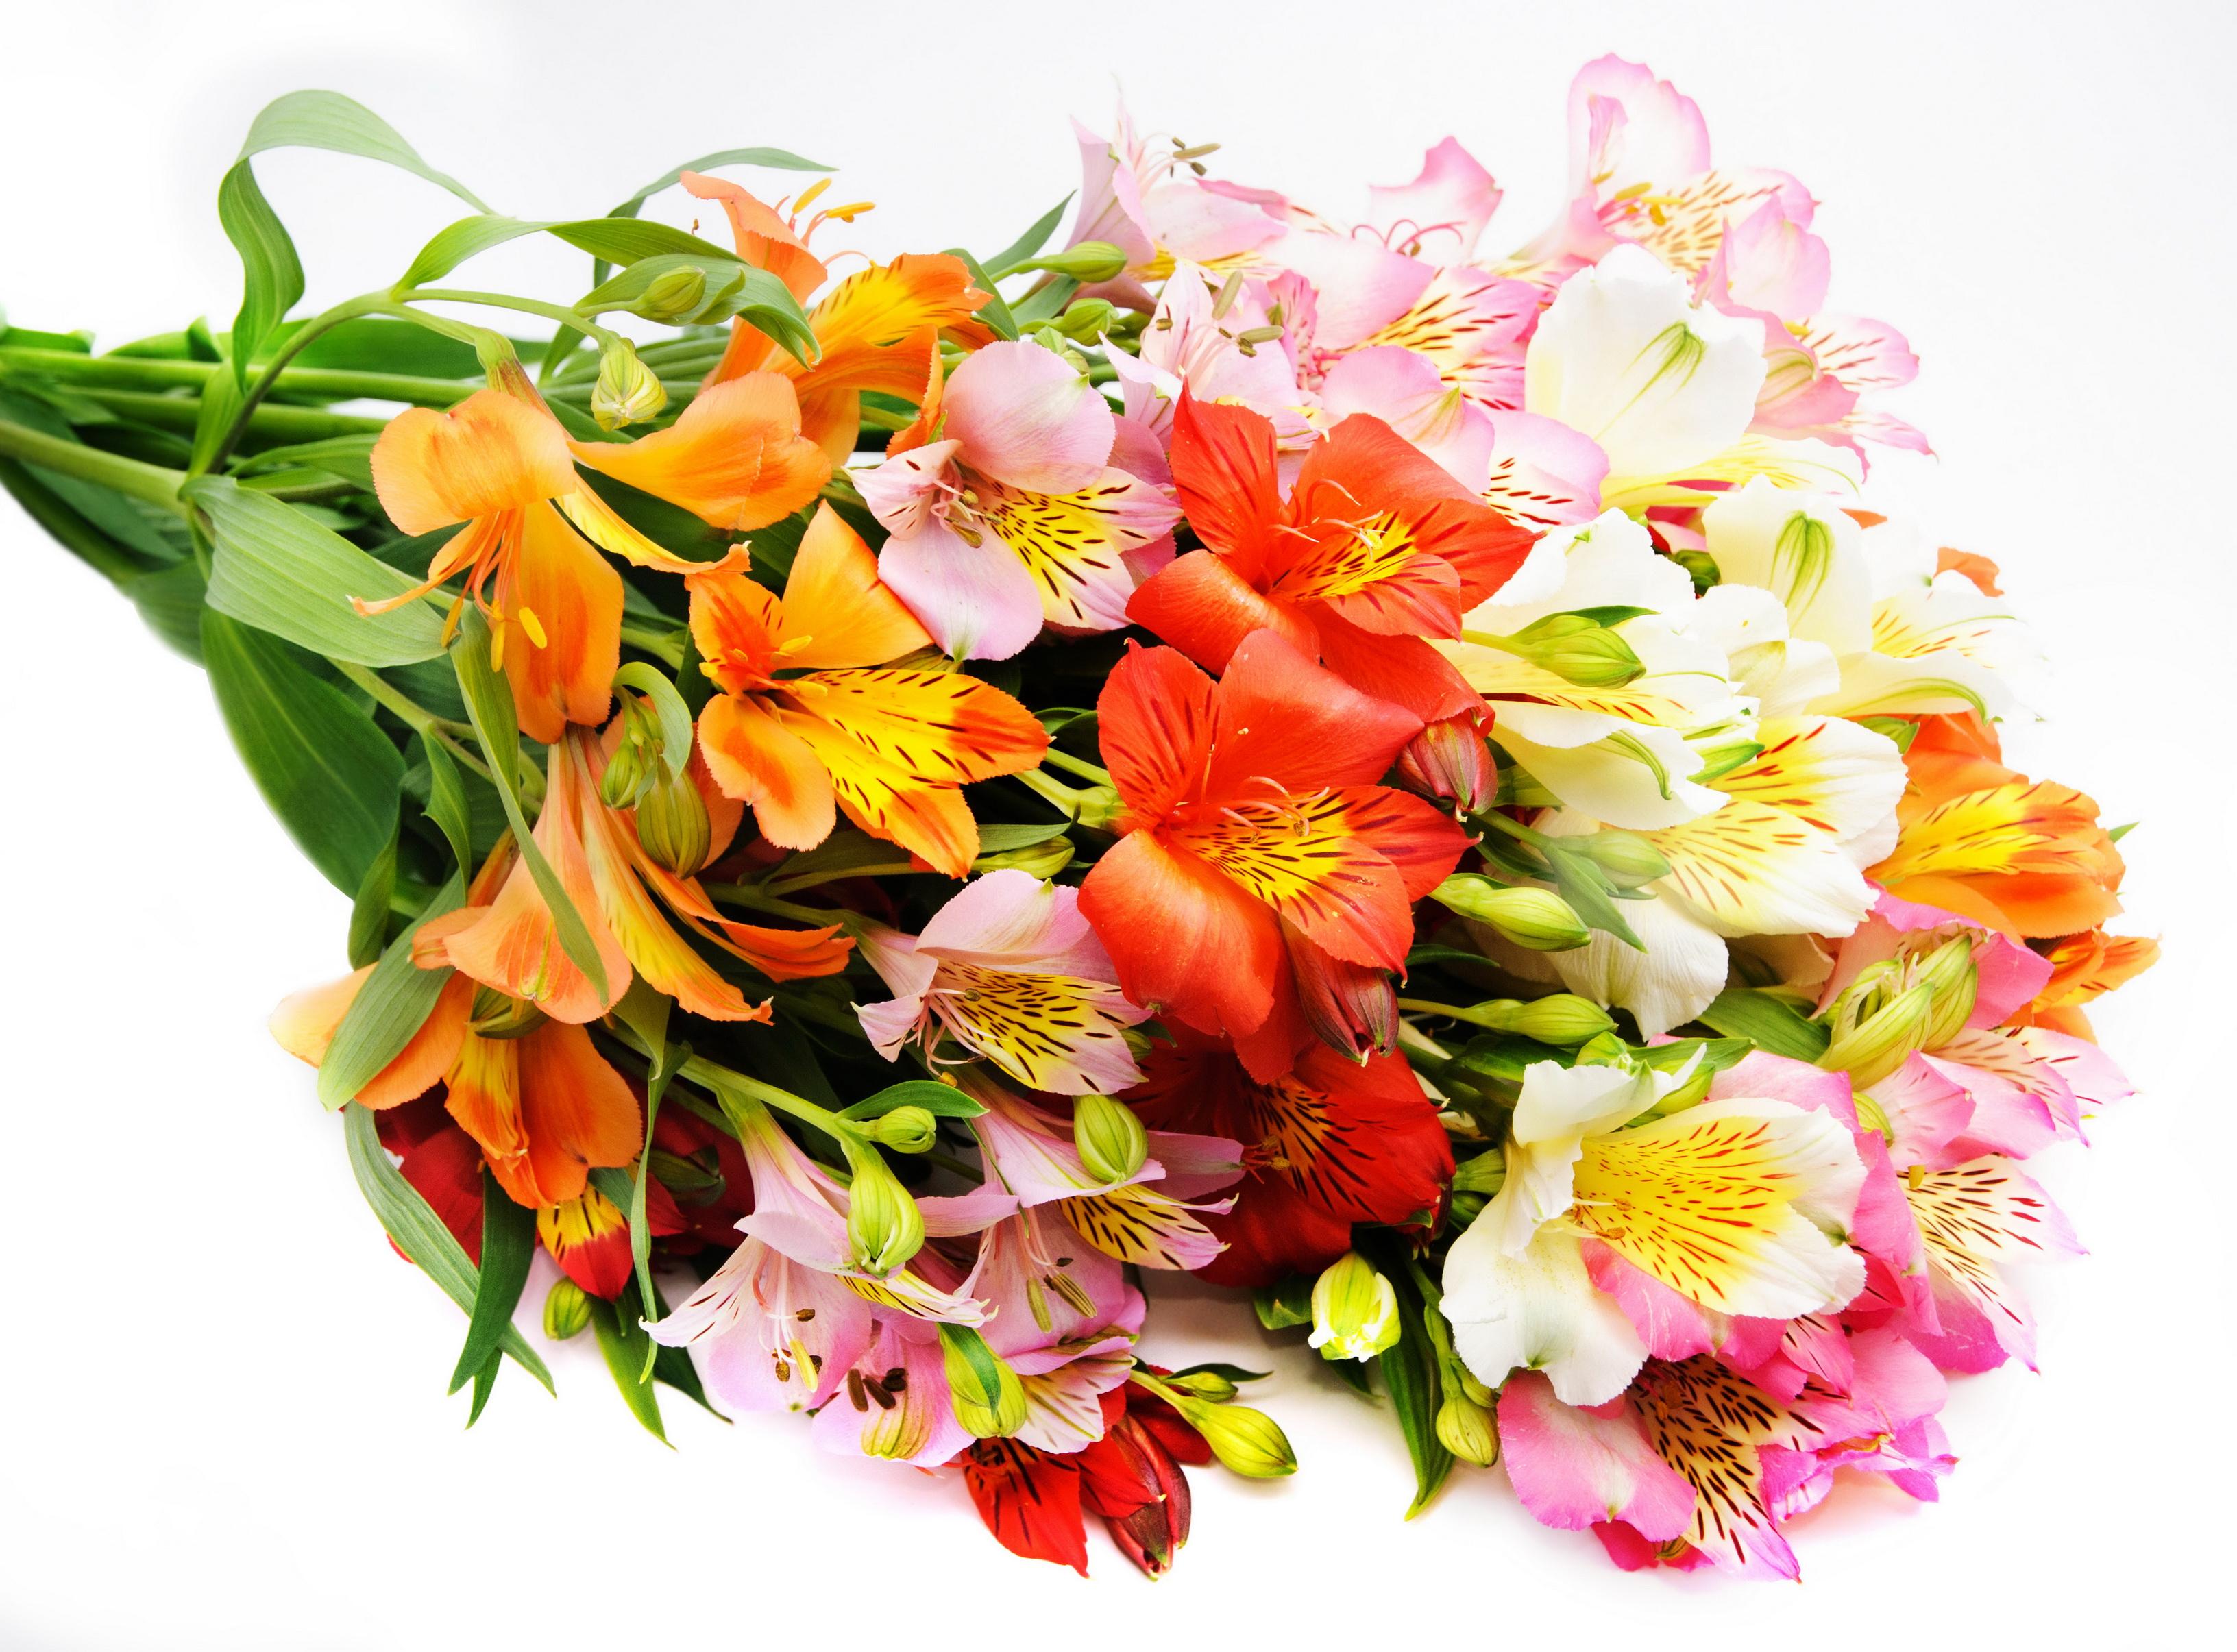 Фотографии цветов для открыток